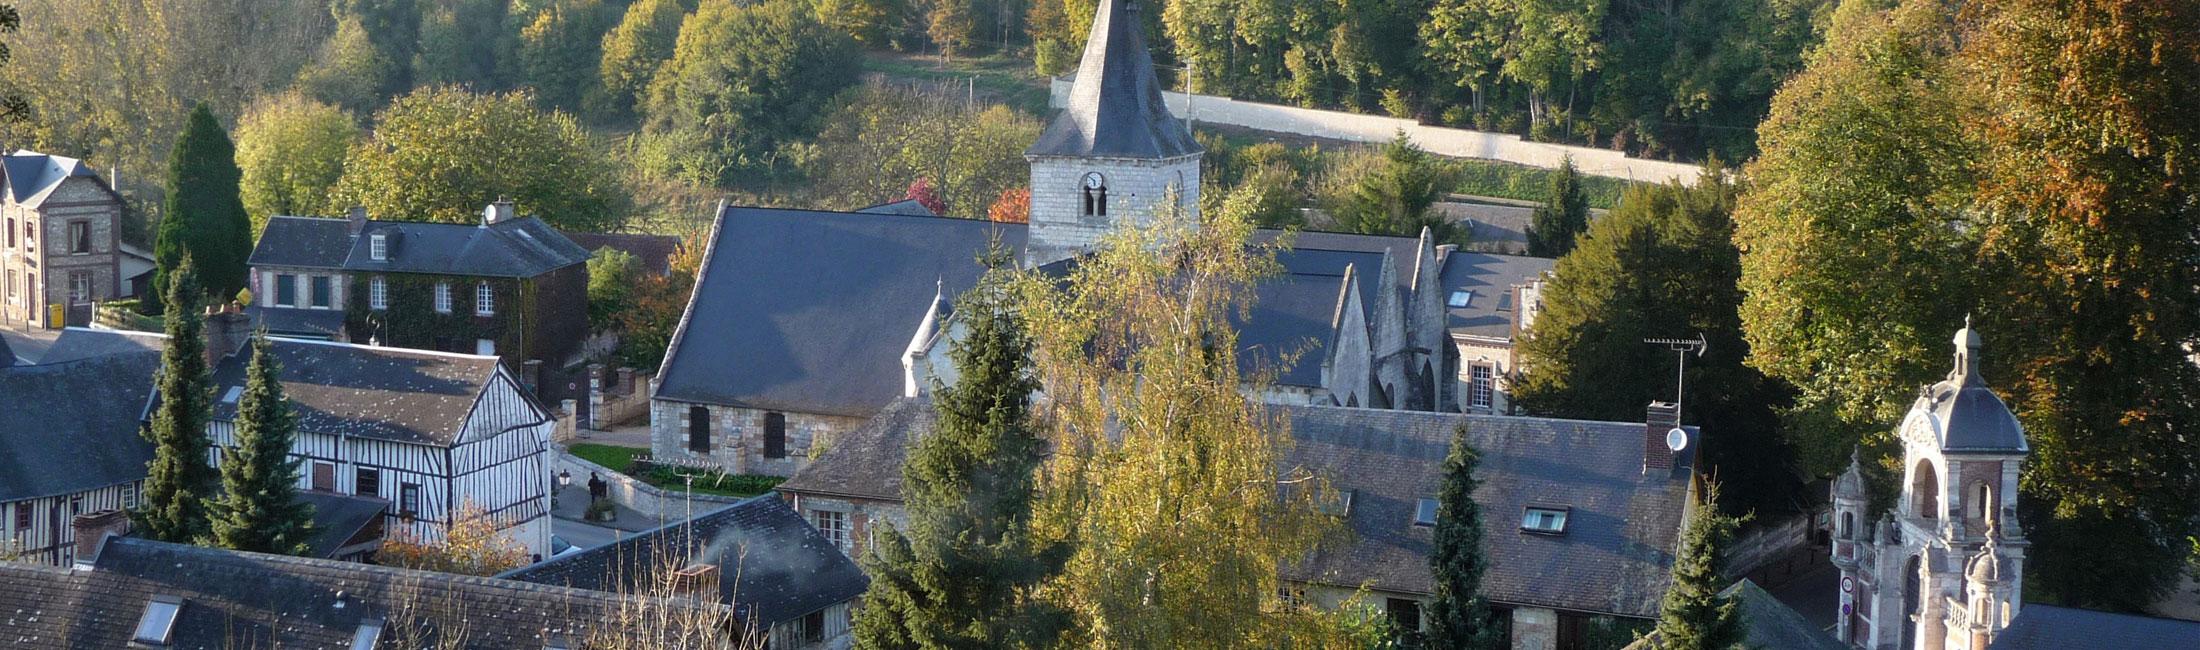 Villequier, Caudebec-en-Caux et Saint-Wandrille-Rançon réunies